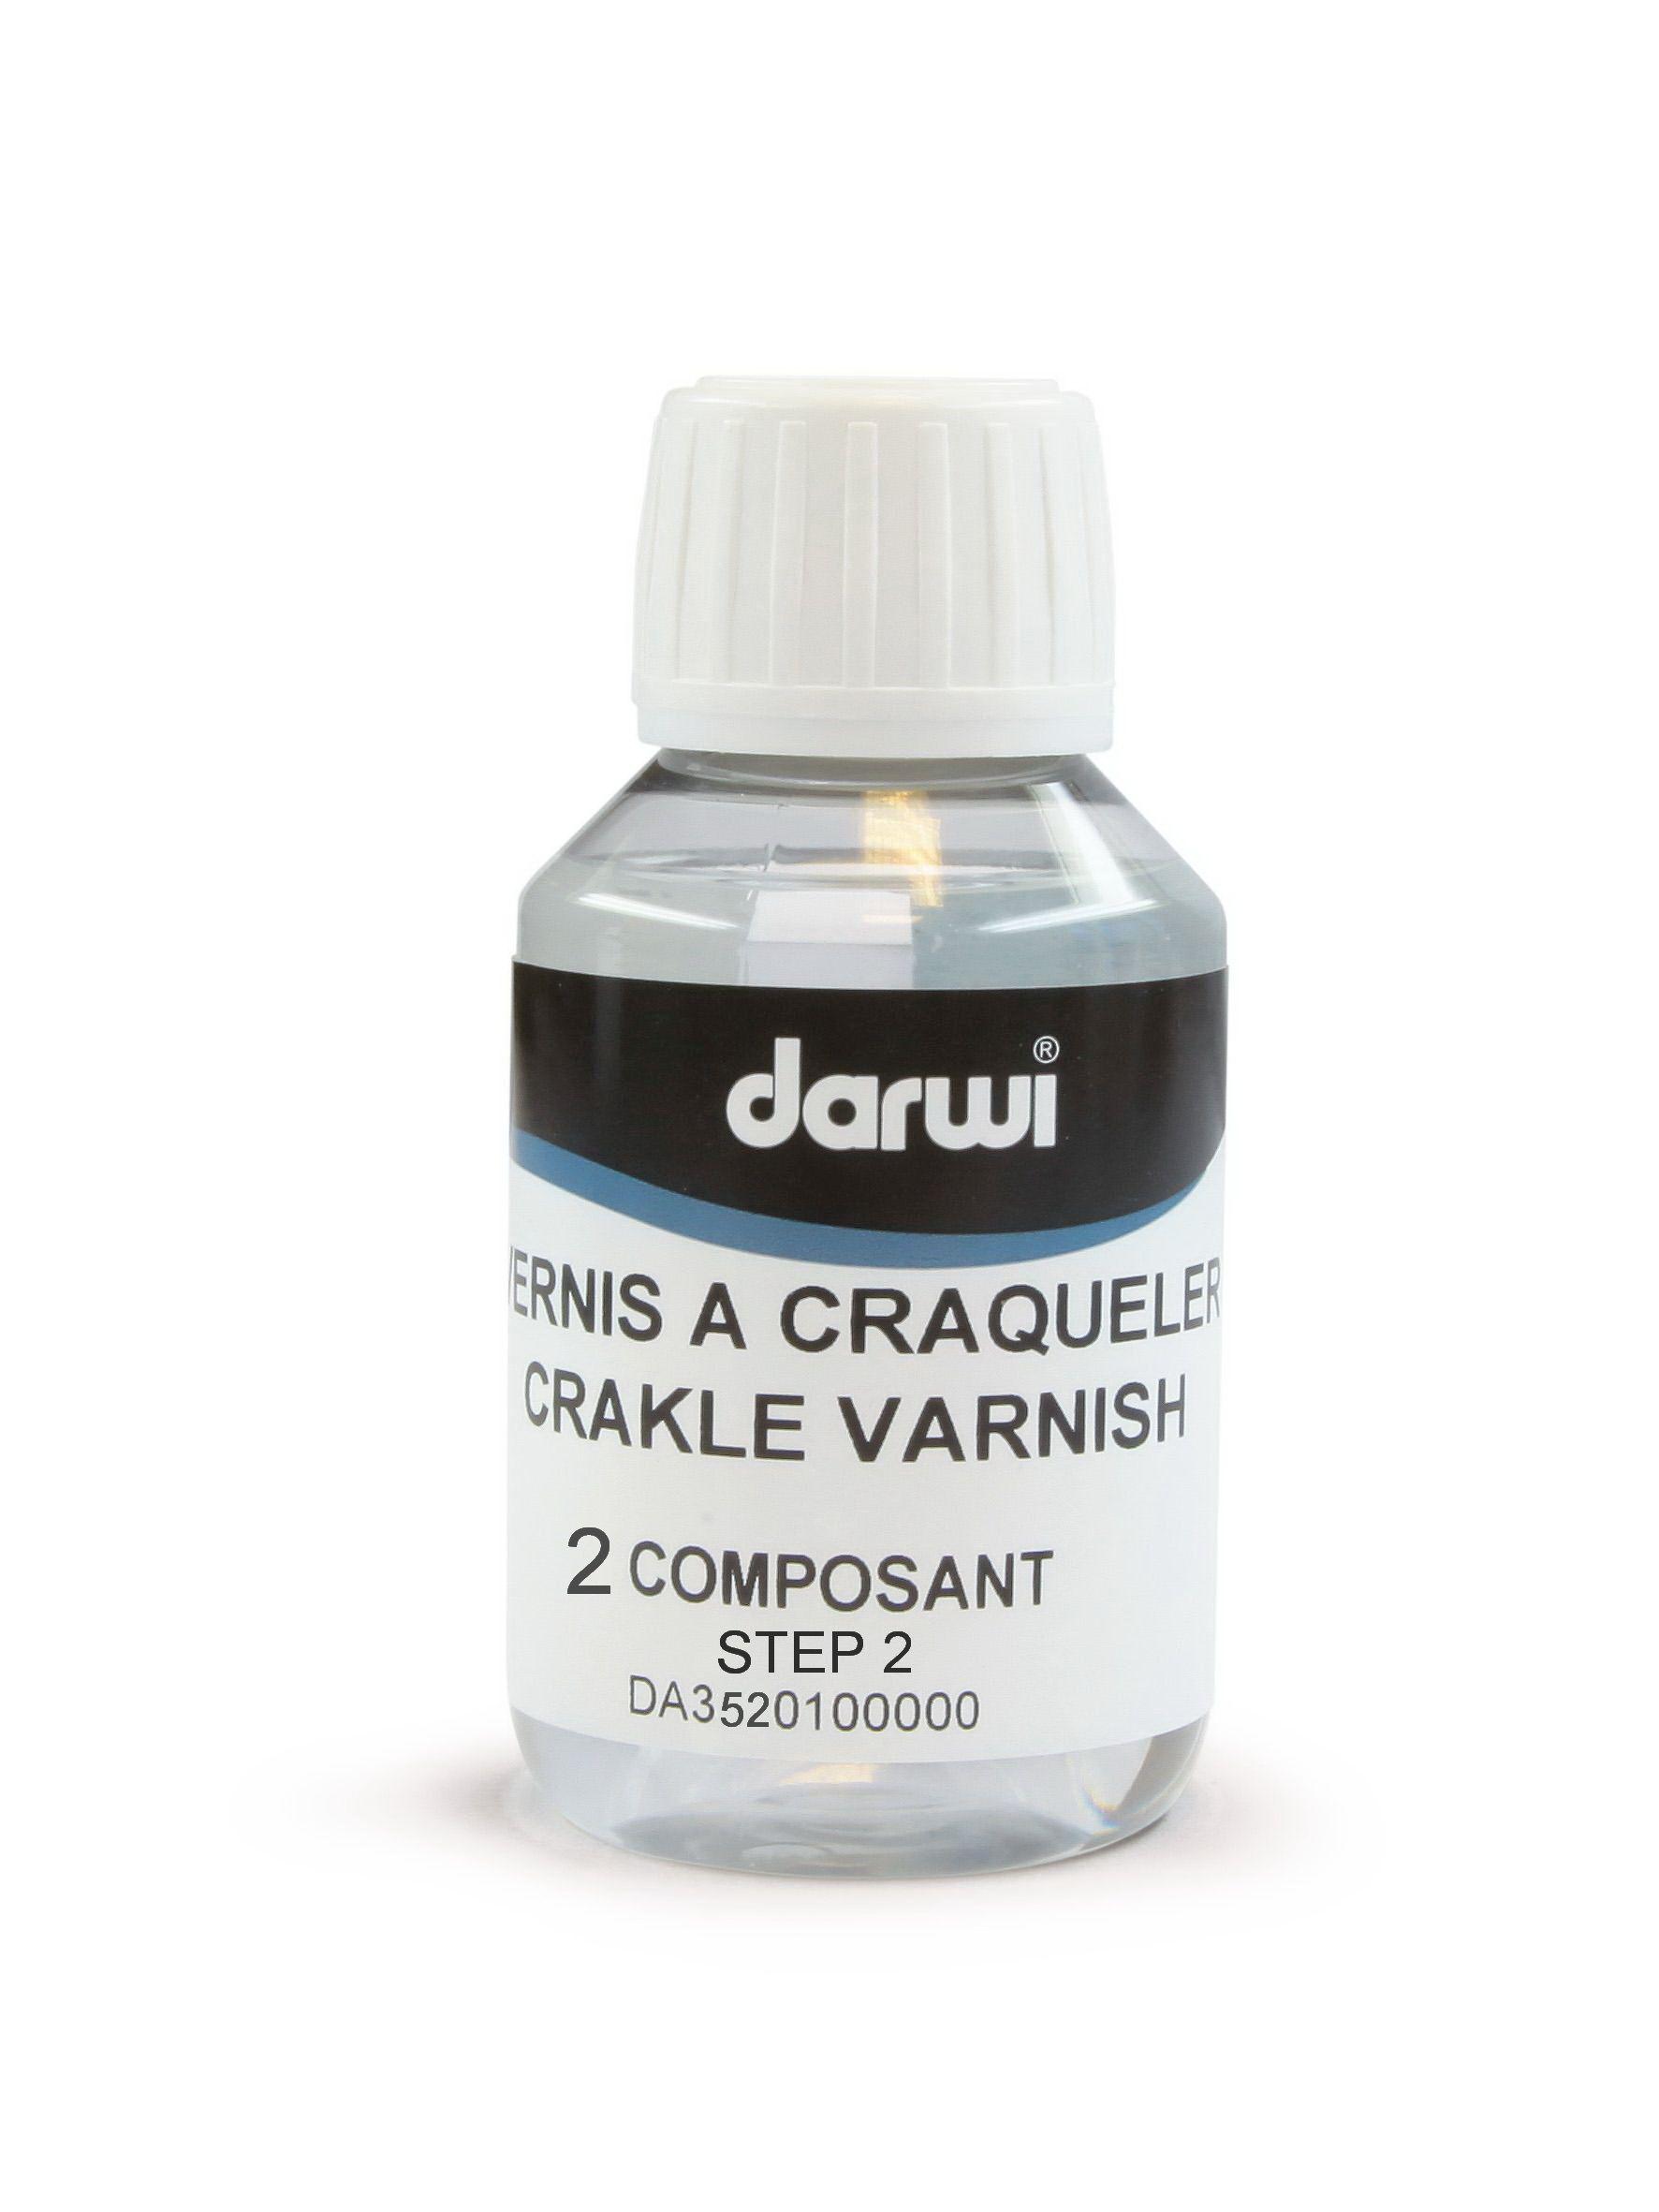 DA3520100000 Лак-кракелюр двухшаговый (шаг 2) 100 мл. Darwi